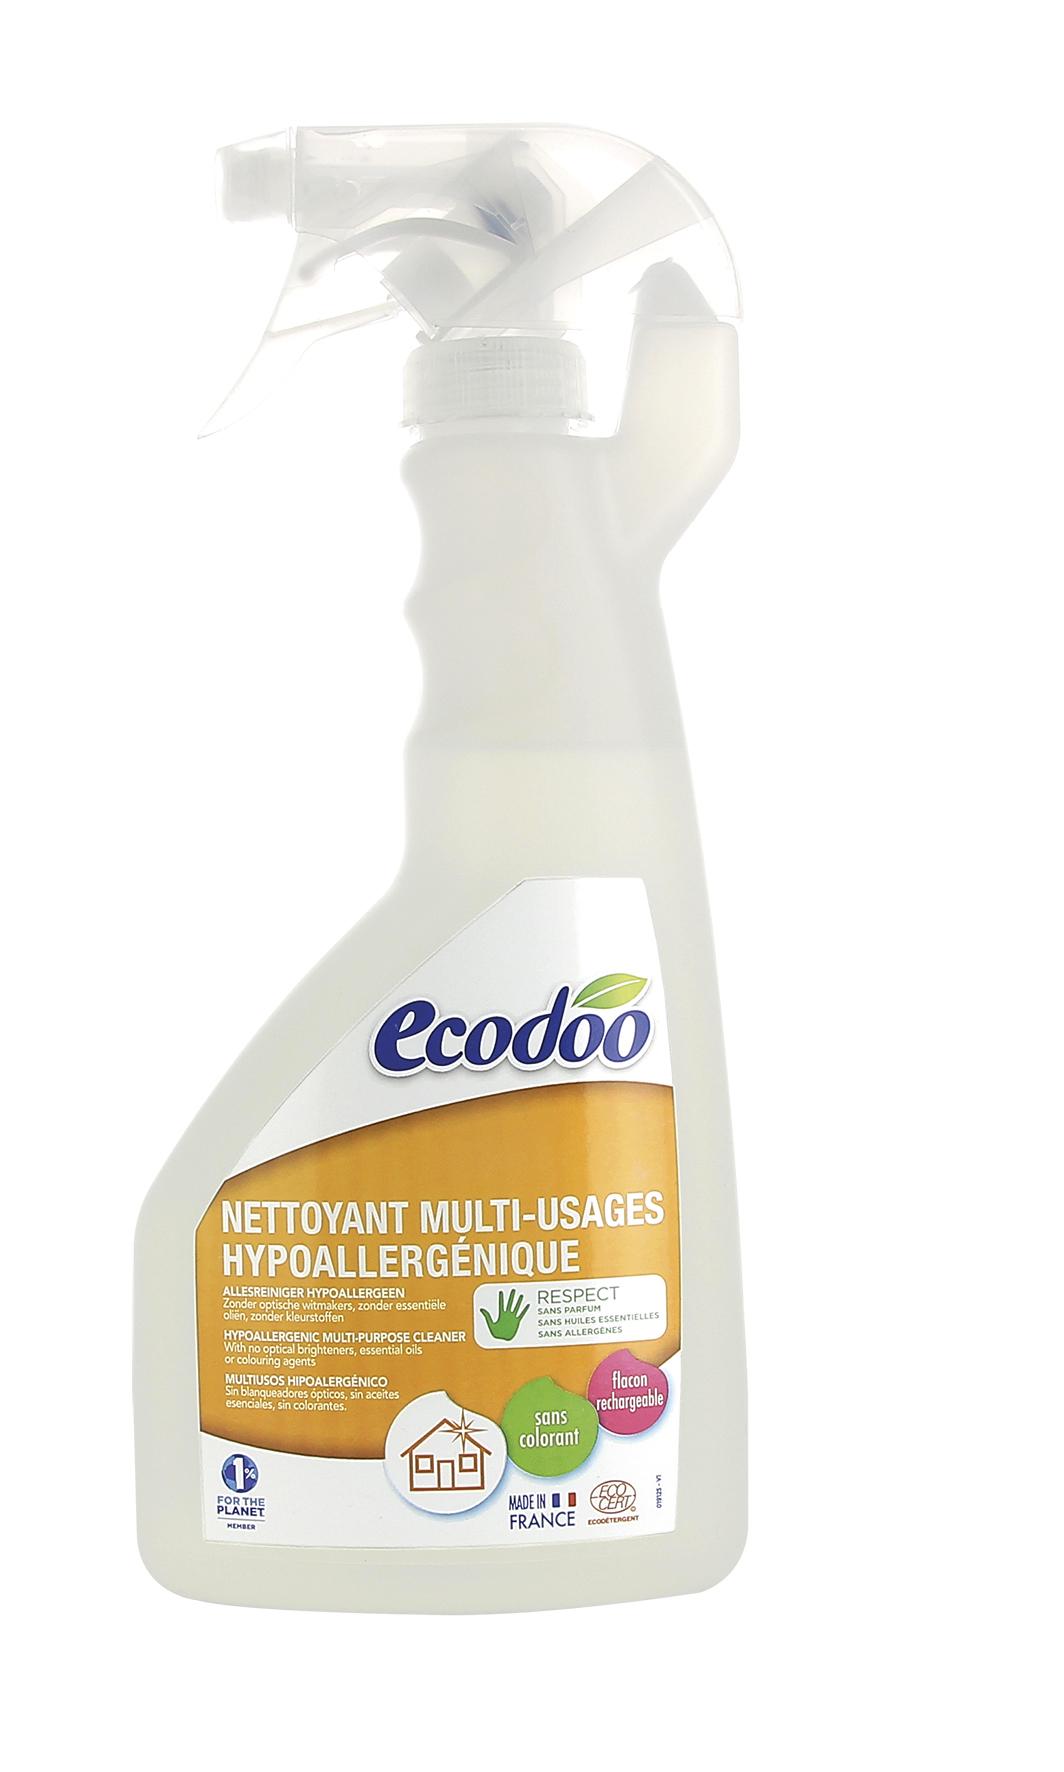 [Ecodoo] Nước Tẩy Rửa Đa Năng Sinh Học (2 sản phẩm)